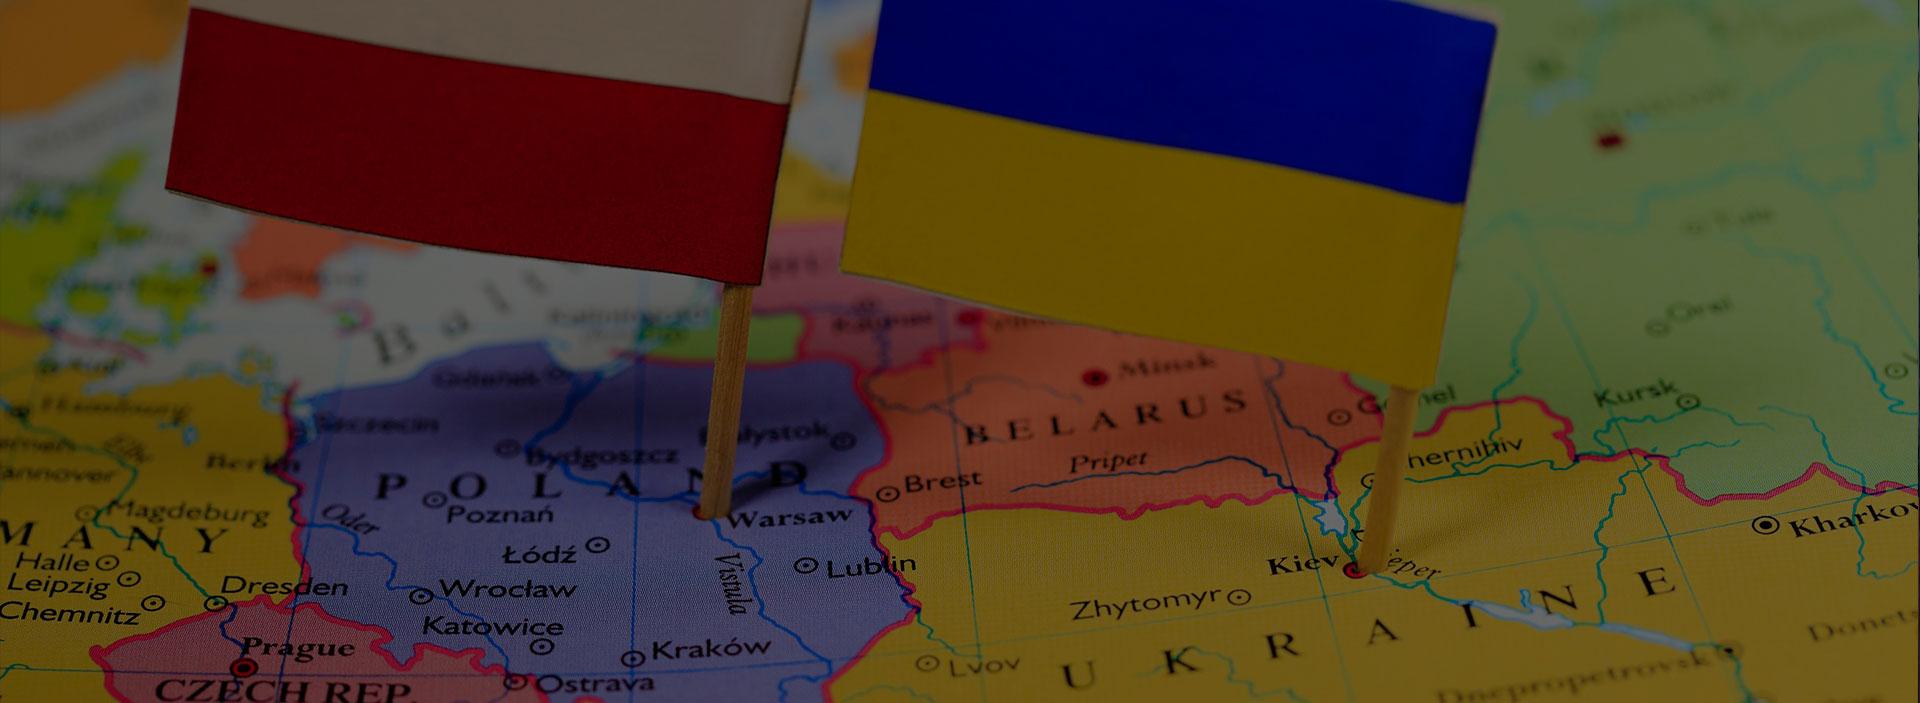 Top IT Outsourcing Destinations: Ukraine vs. Poland